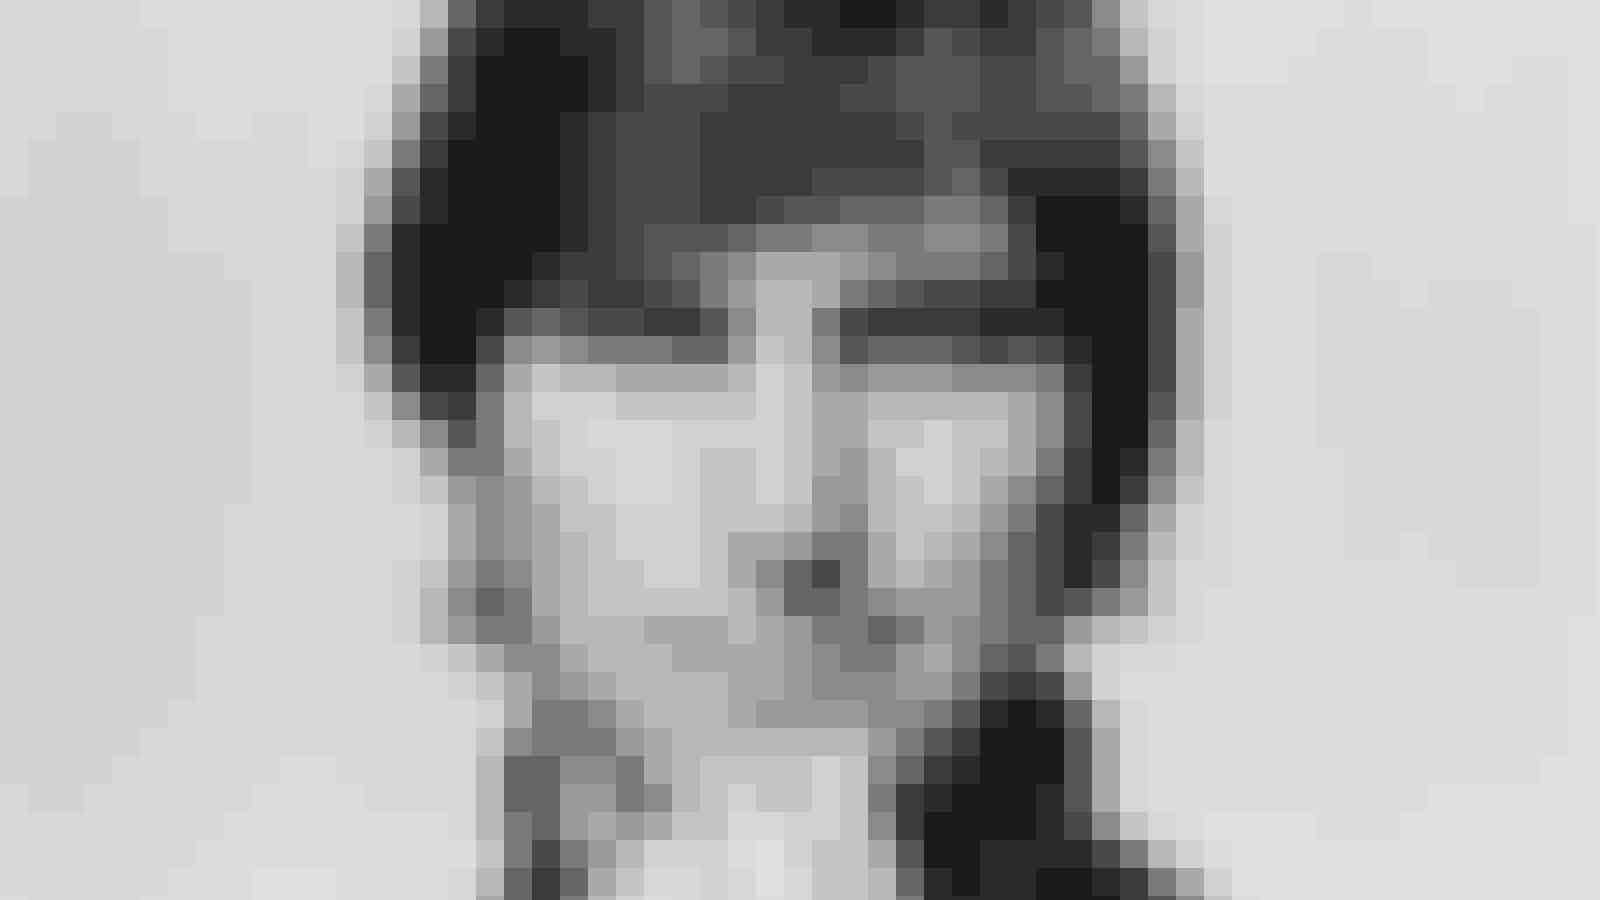 Steve Jobs: The Man in the Machine- Den mørke side af geniet fra Silicon Valley i et skarpt og velresearchet portræt fra Oscarvinderen Alex Gibney. d. 6/11 kl. 16.40, d. 15/11 kl. 14.20. Se hvor HER